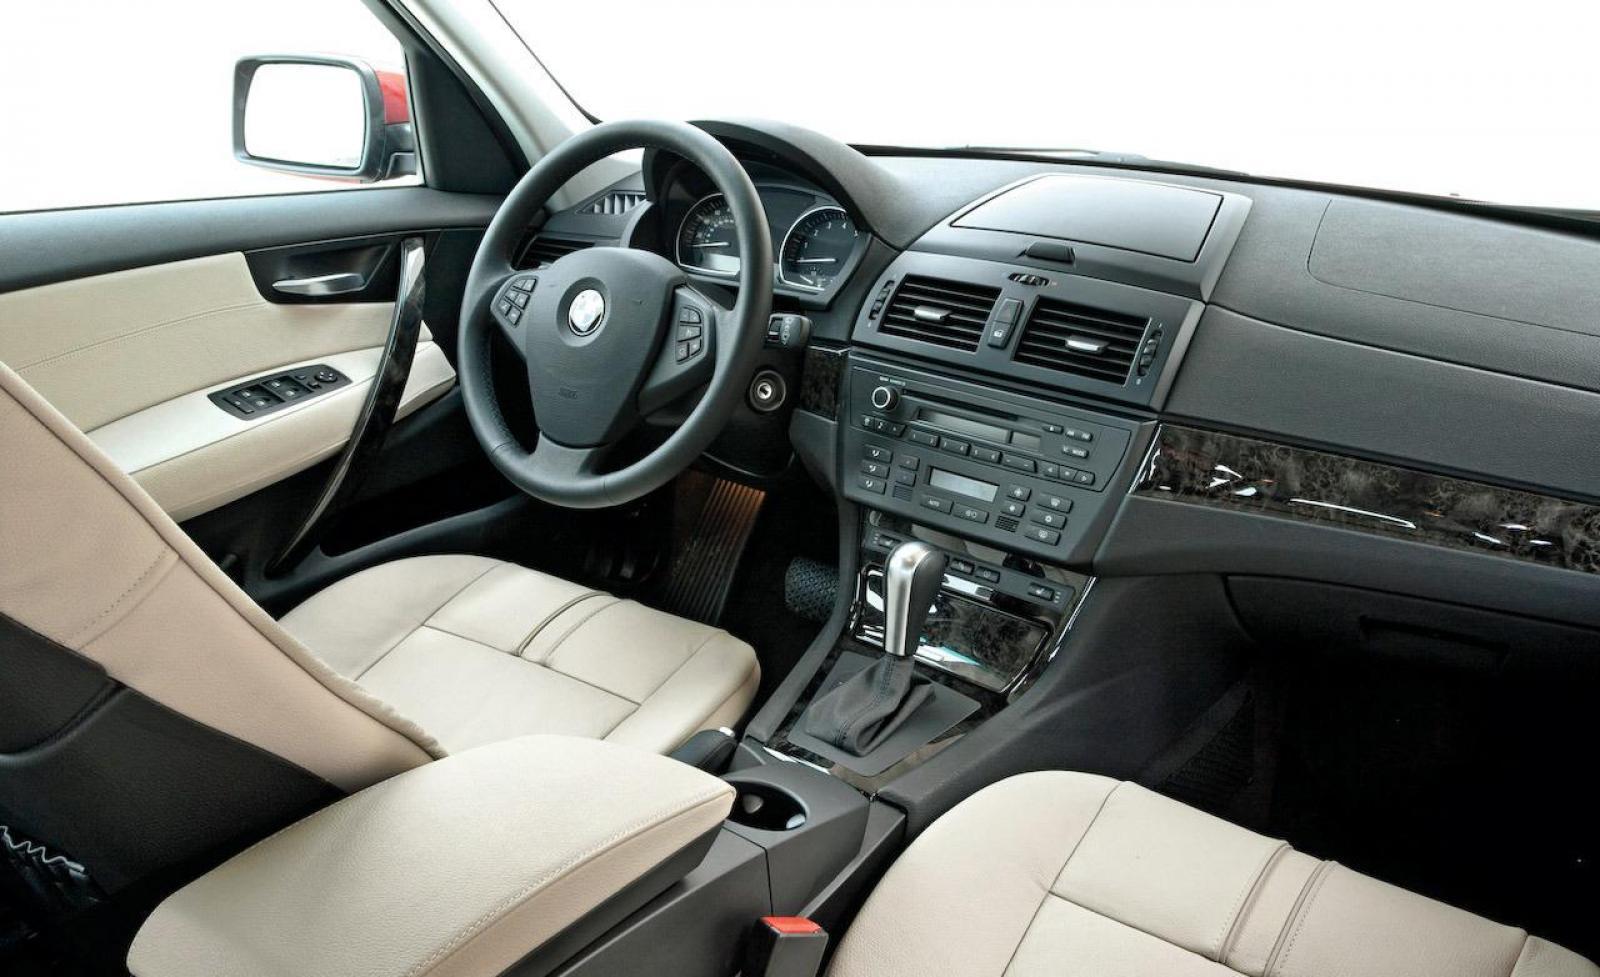 2009 bmw x3 information and photos zombiedrive rh zombdrive com 2015 BMW X3 2007 BMW X3